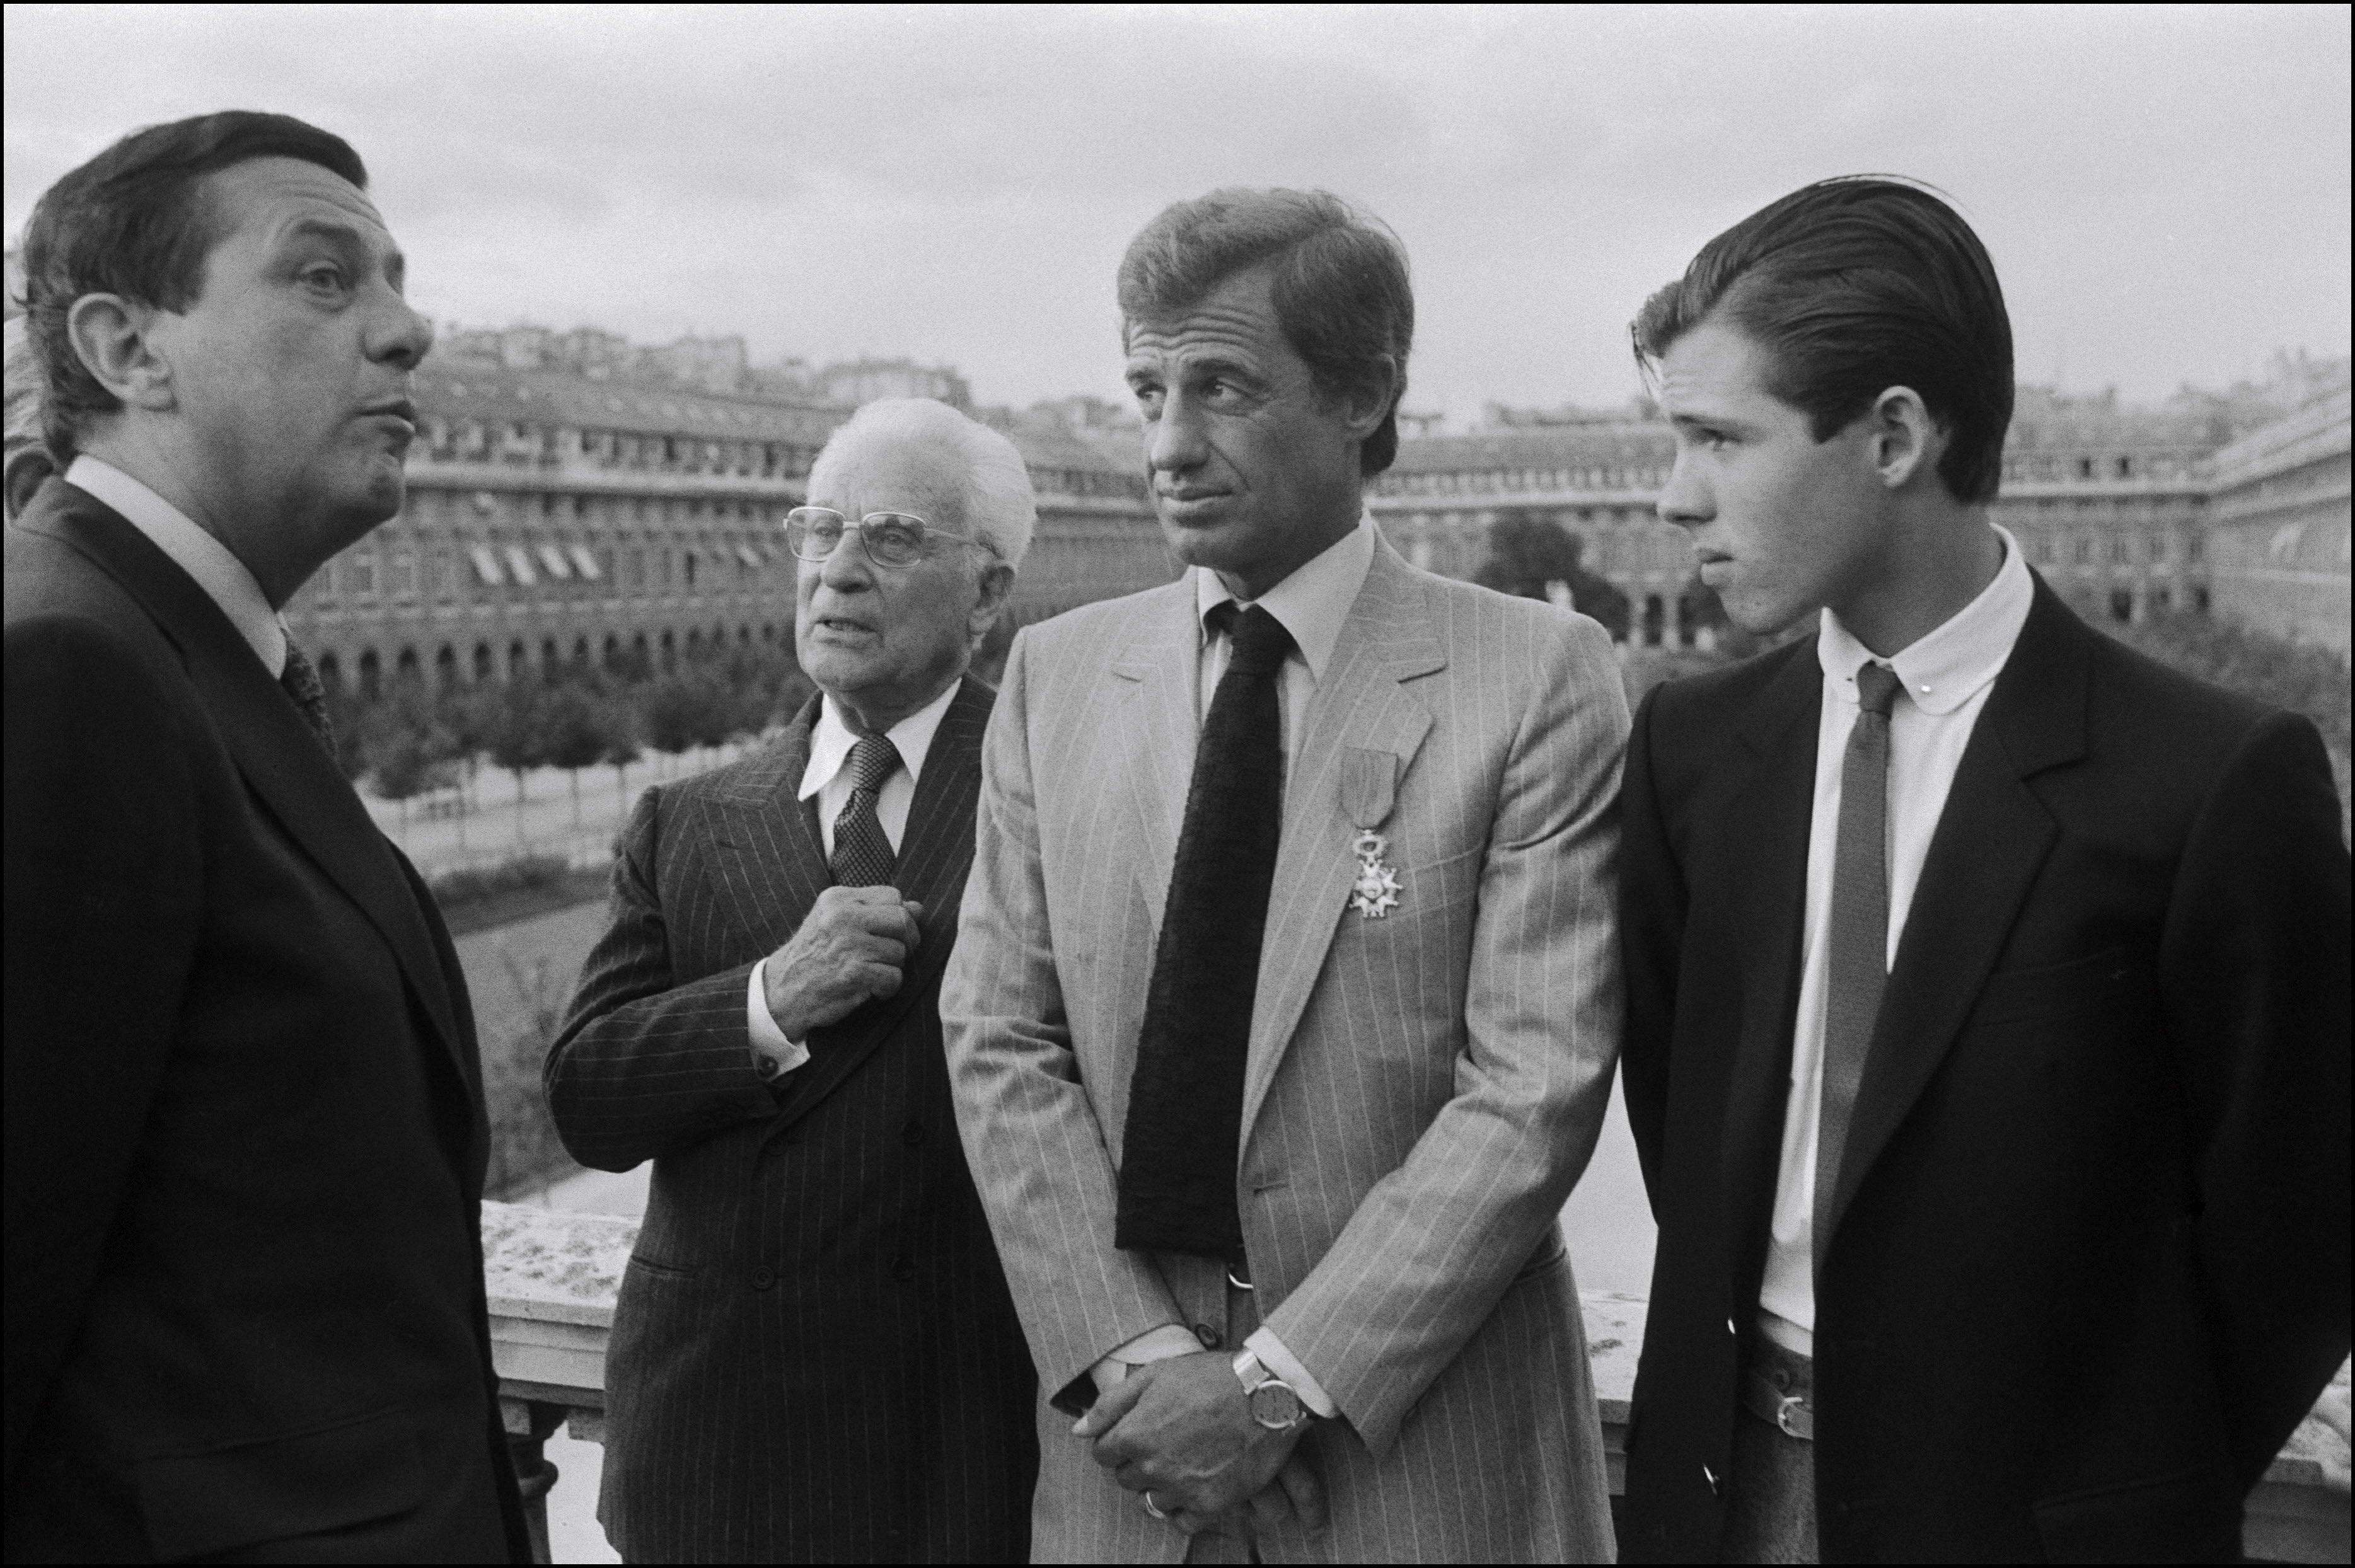 Поль, Жан-Поль иПоль Бельмондо-младший вПариже, сентябрь 1980 года.